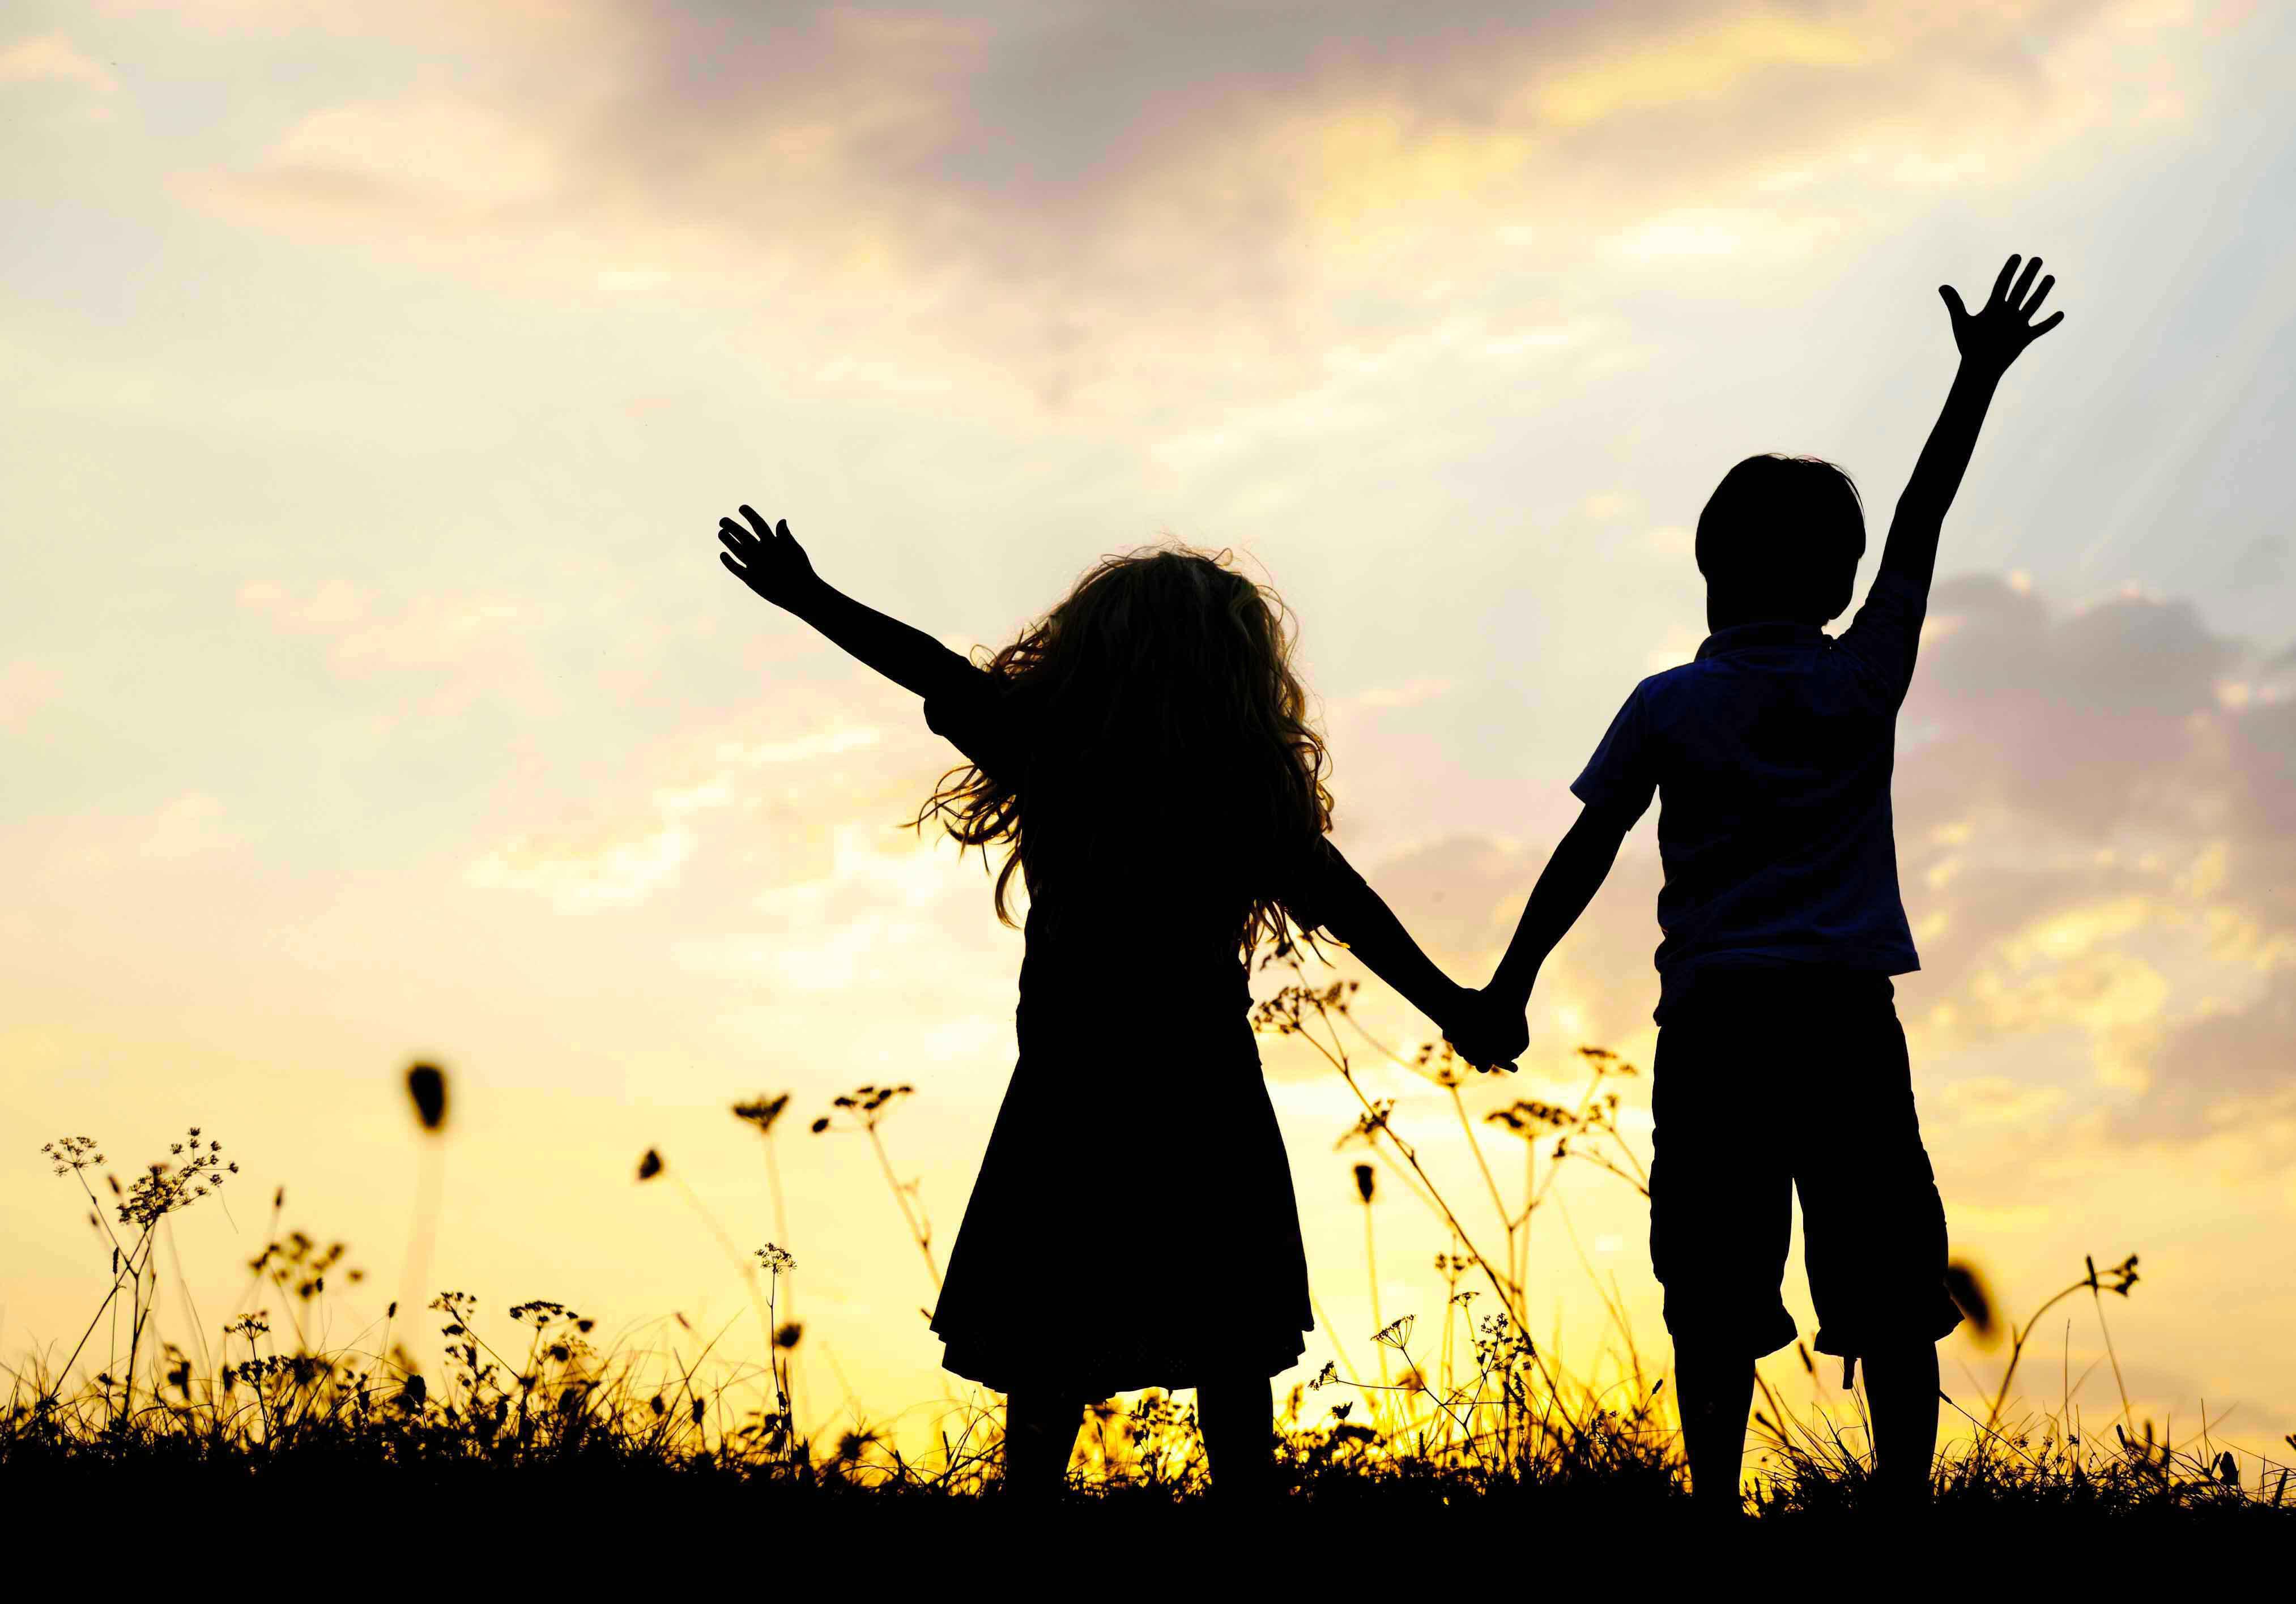 20 cose da evitare per migliorare le nostre relazioni interpersonali